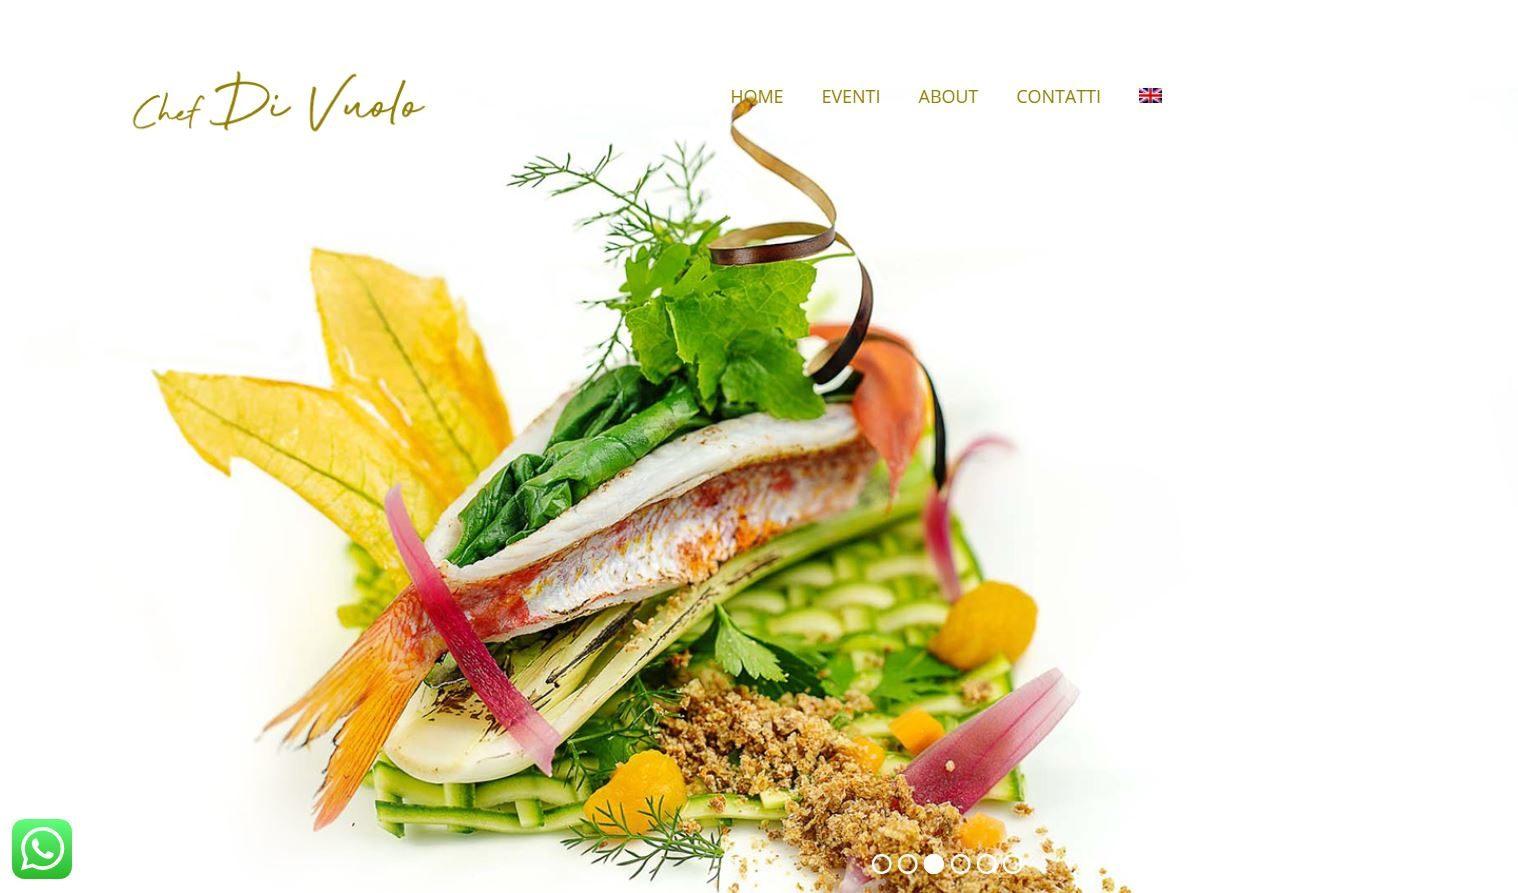 zoomart.net-realizzazione-sito-web-danilo-di-vuolo-chef-web-agency-napoli-siti-web-sorrento